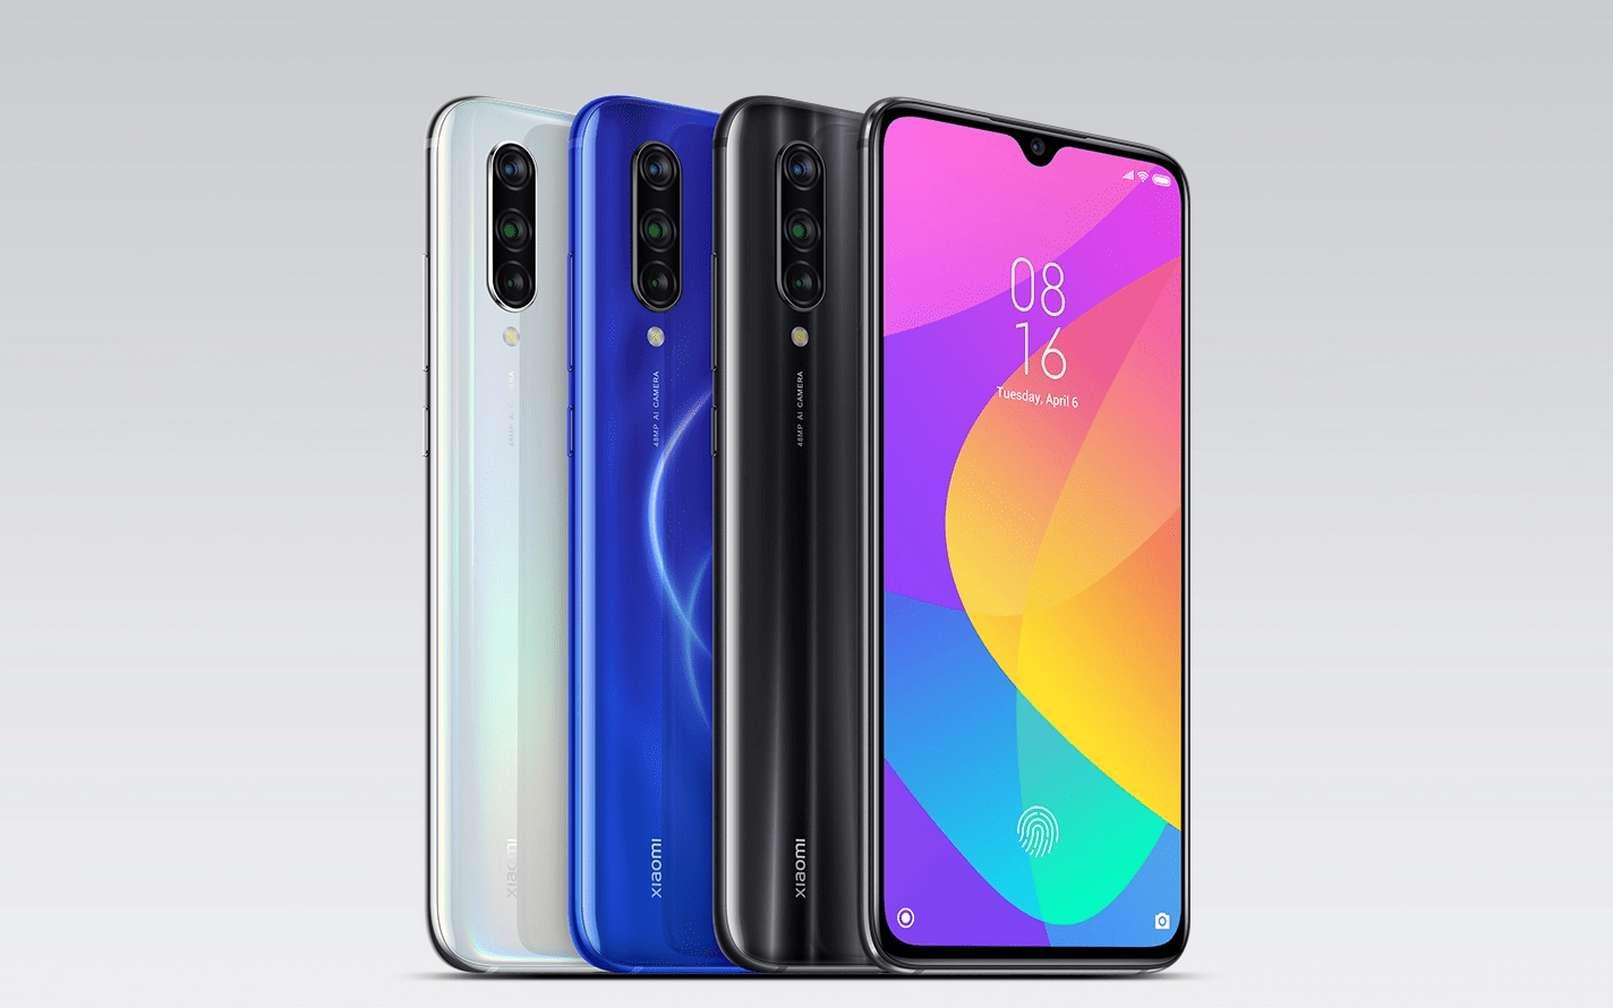 À moins de 300 euros, le Mi 9 Lite propose un plus grand écran que les iPhone 11 et iPhone 11 Pro. © Xiaomi